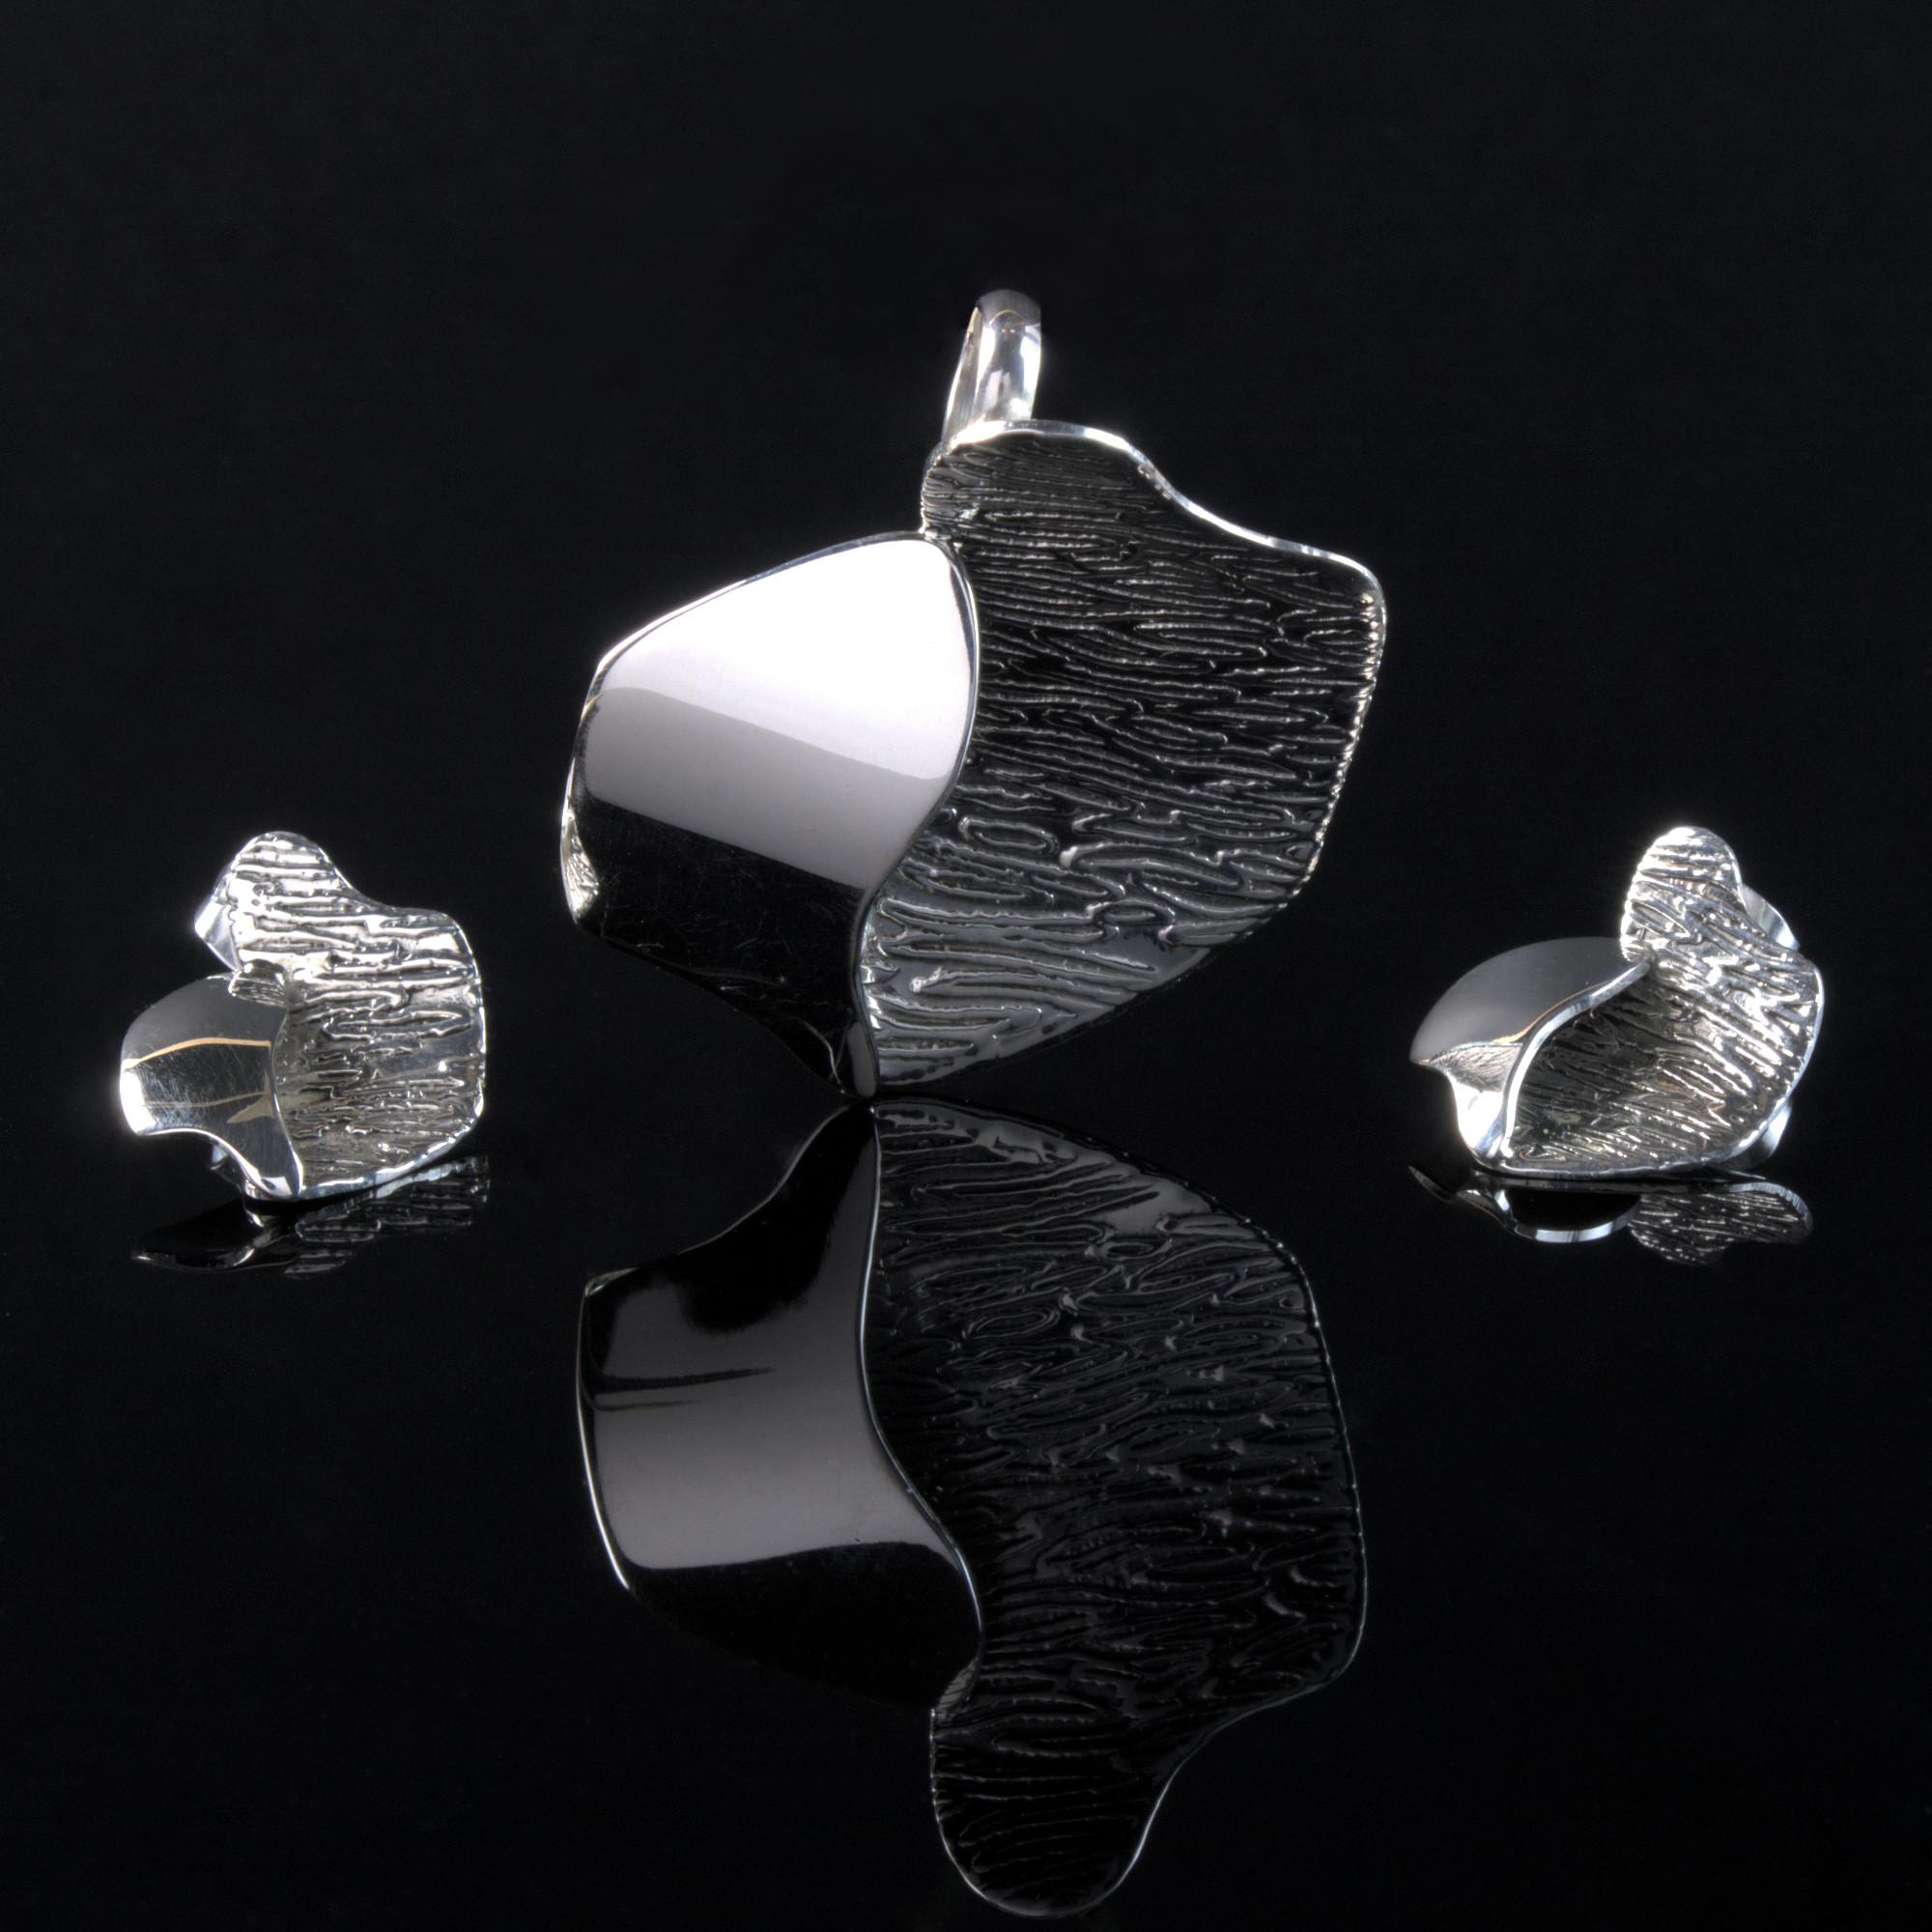 Atria: Örhängen och berlock med ojämt form. Randig finish och sterling silver material.